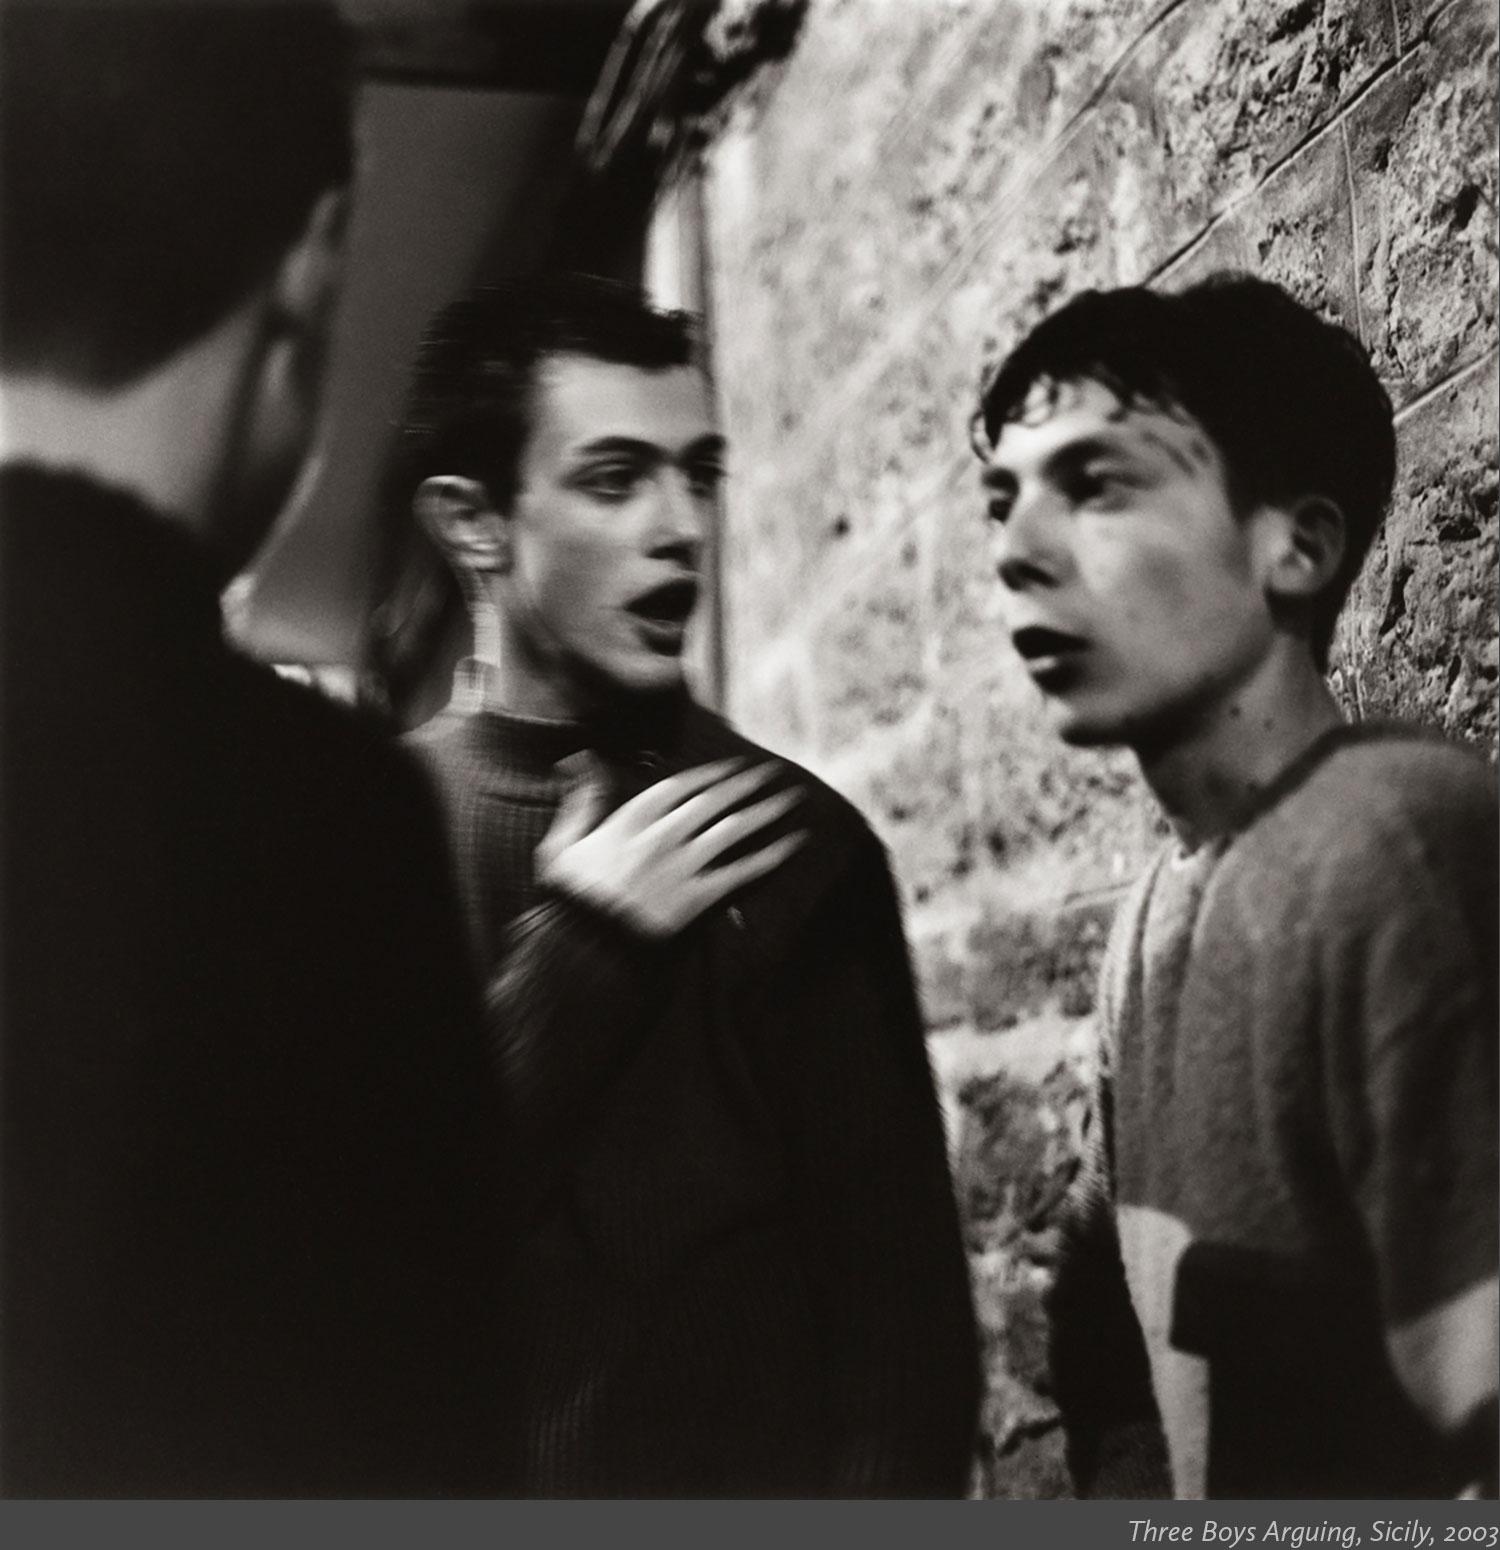 3_Three-Boys-Arguing,-Sicily,-2003.jpg